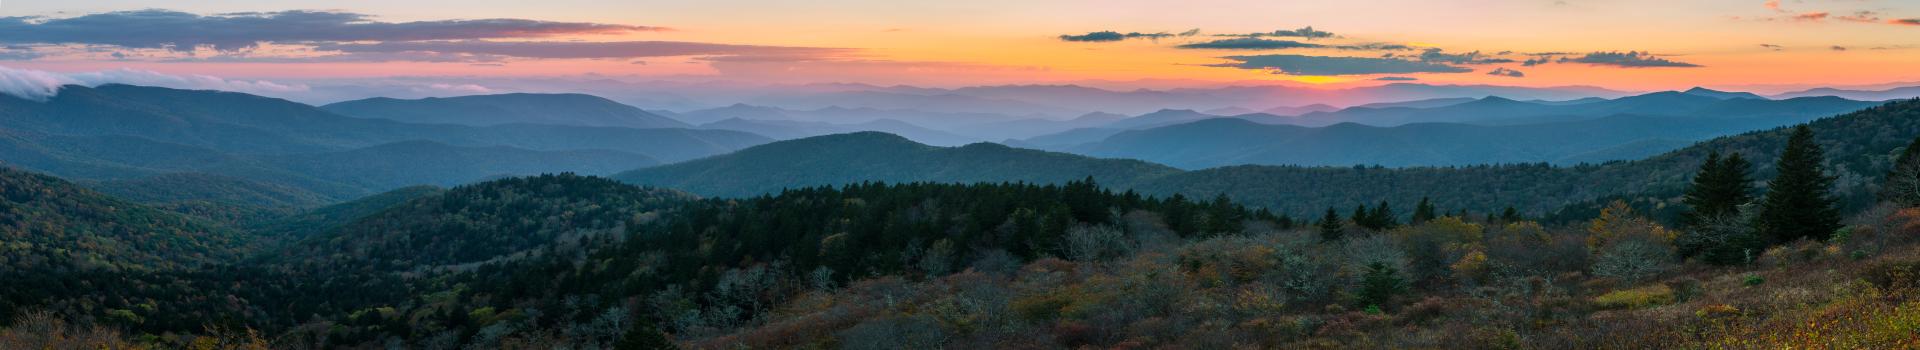 North Carolina Pana resized